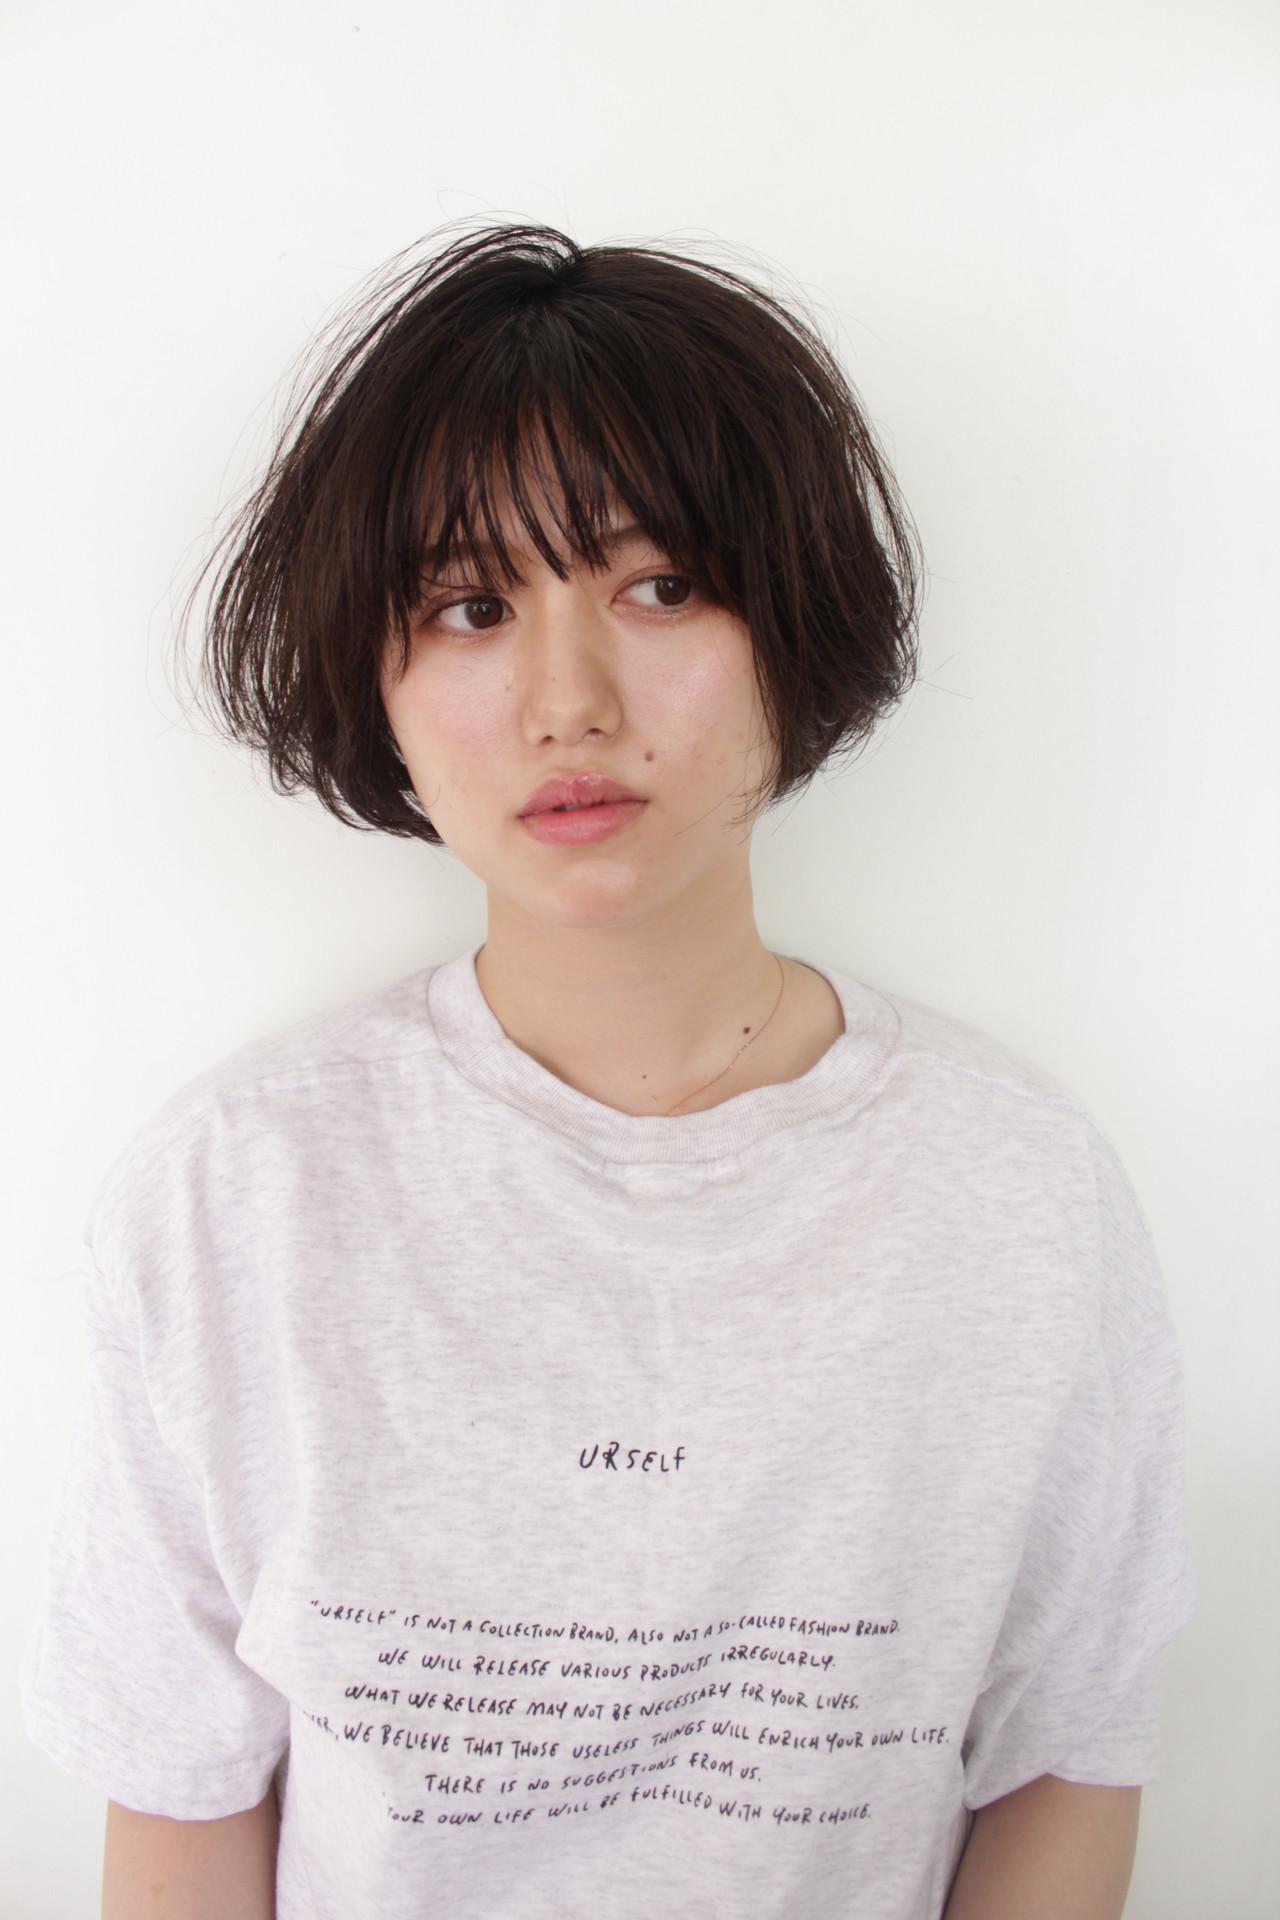 ハンサムショート ショートボブ ミニボブ ショートヘア ヘアスタイルや髪型の写真・画像 | コウムラリュウスケ / b+naka